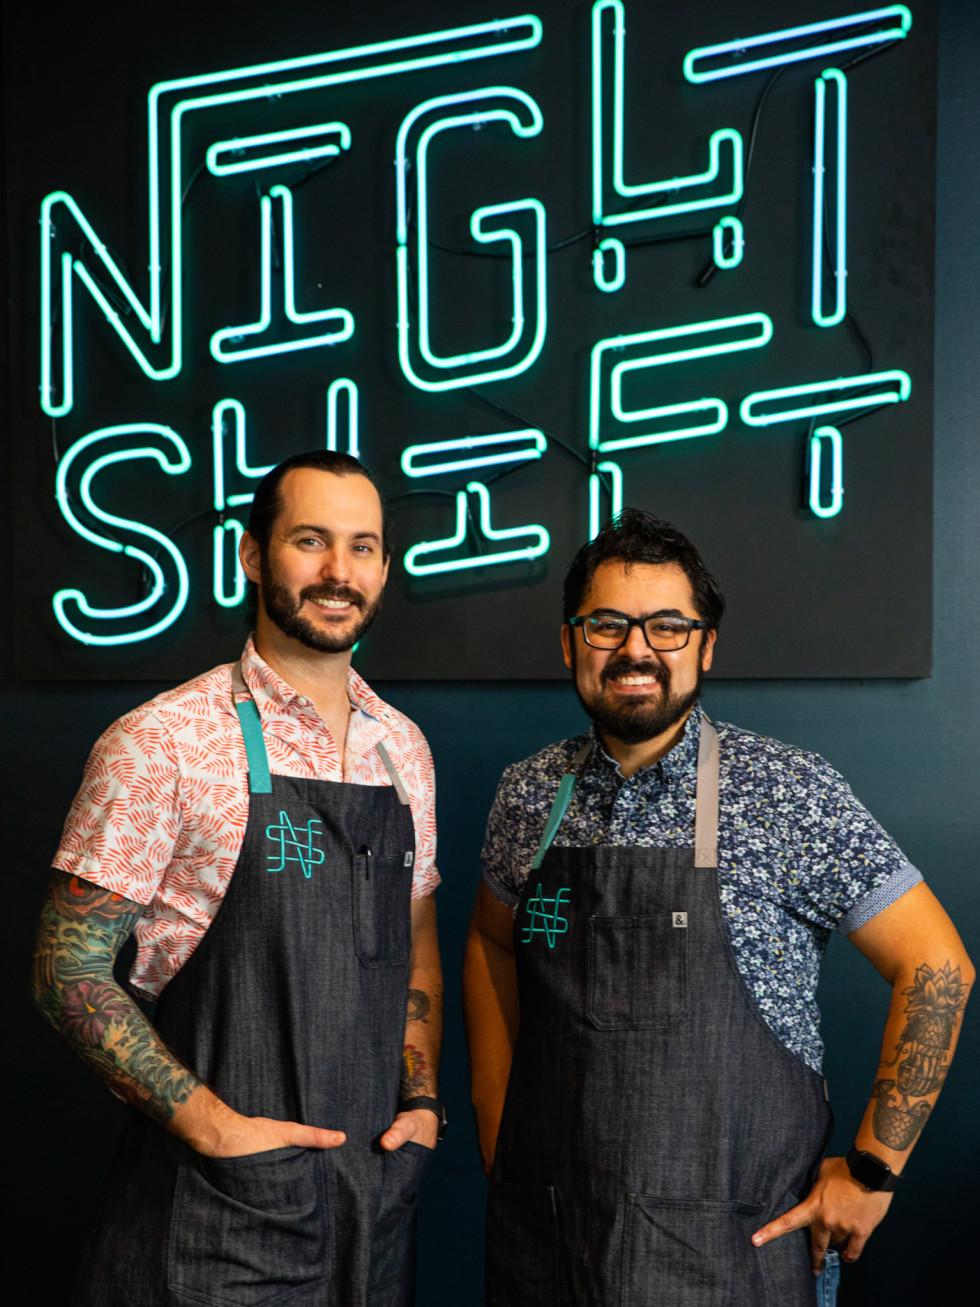 Night Shift Justin Ware Patrick Abalos